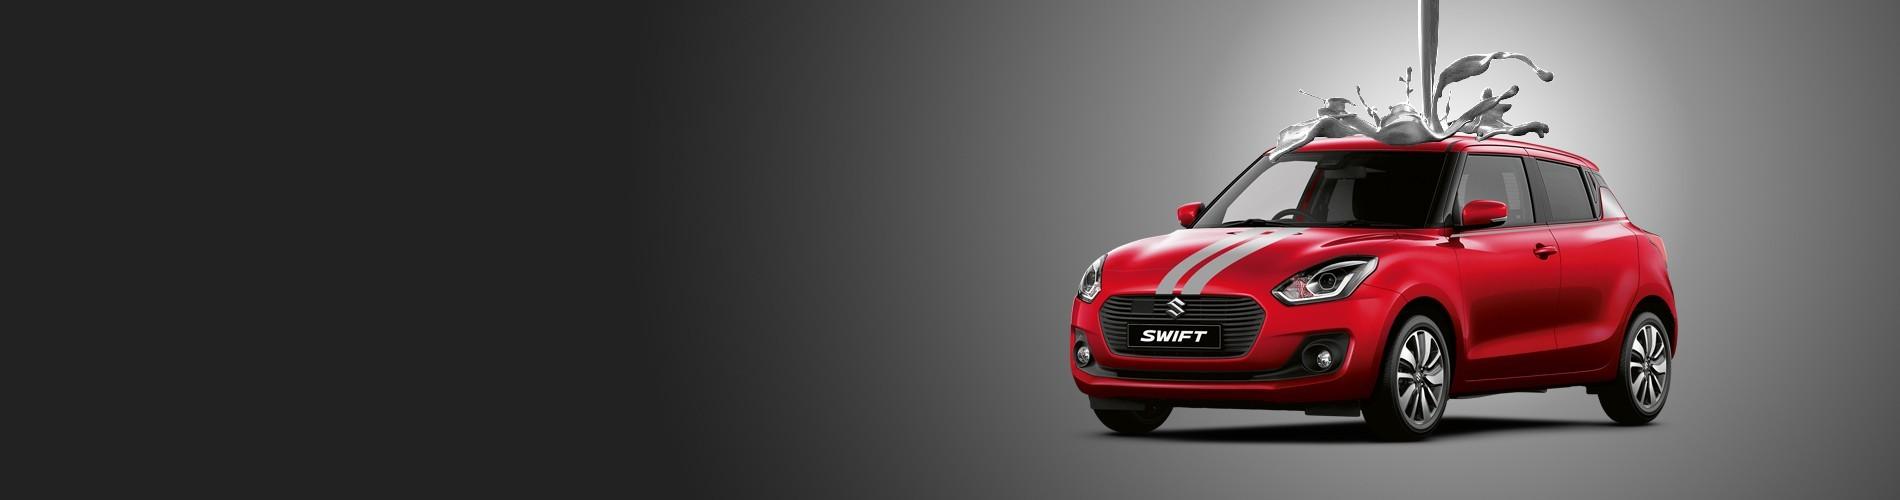 Suzuki decal